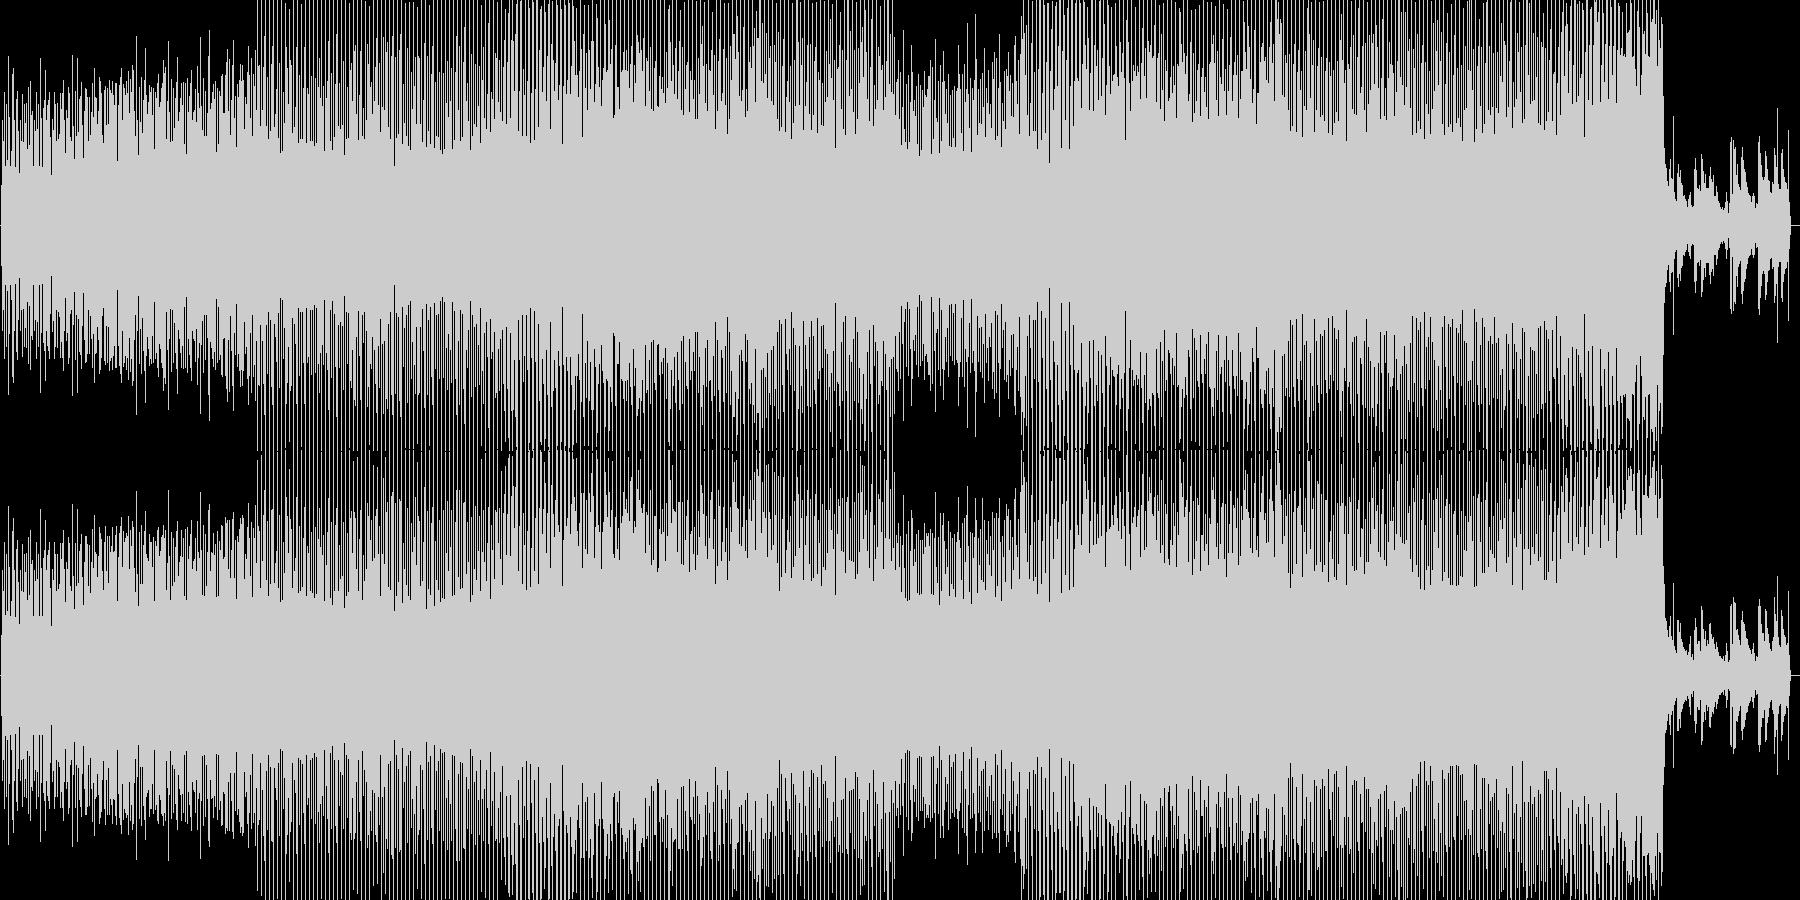 スイング、スキャット、ベース、ブラ...の未再生の波形